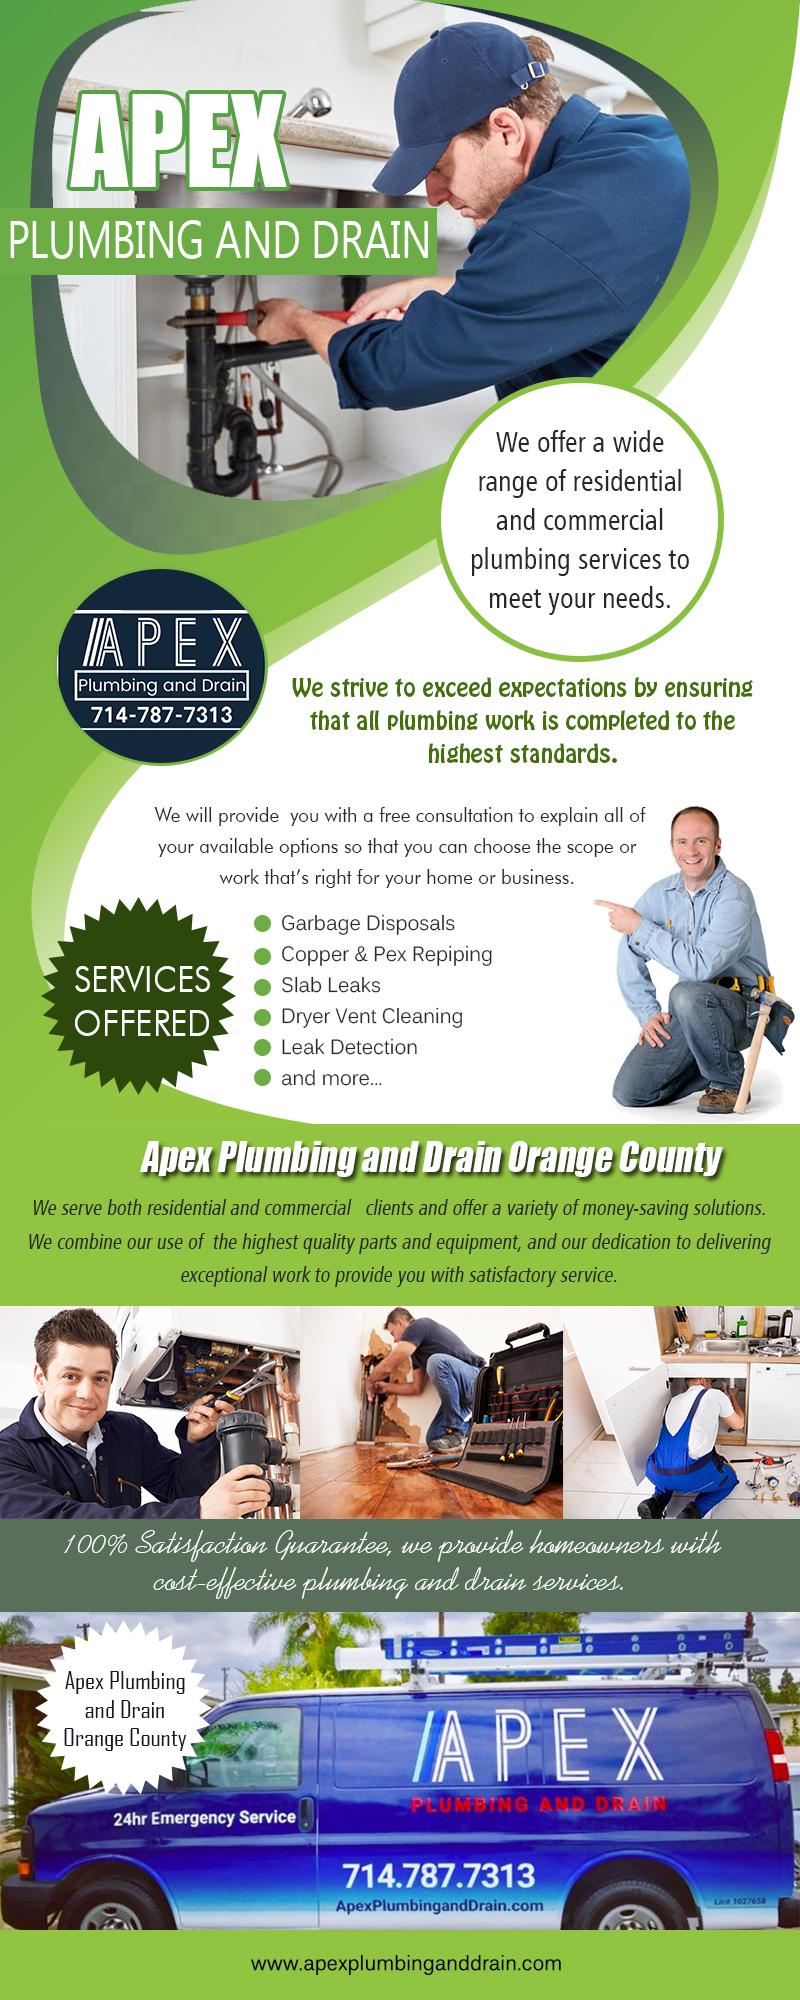 Apex Plumbing and Drain|apexplumbinganddrain.com